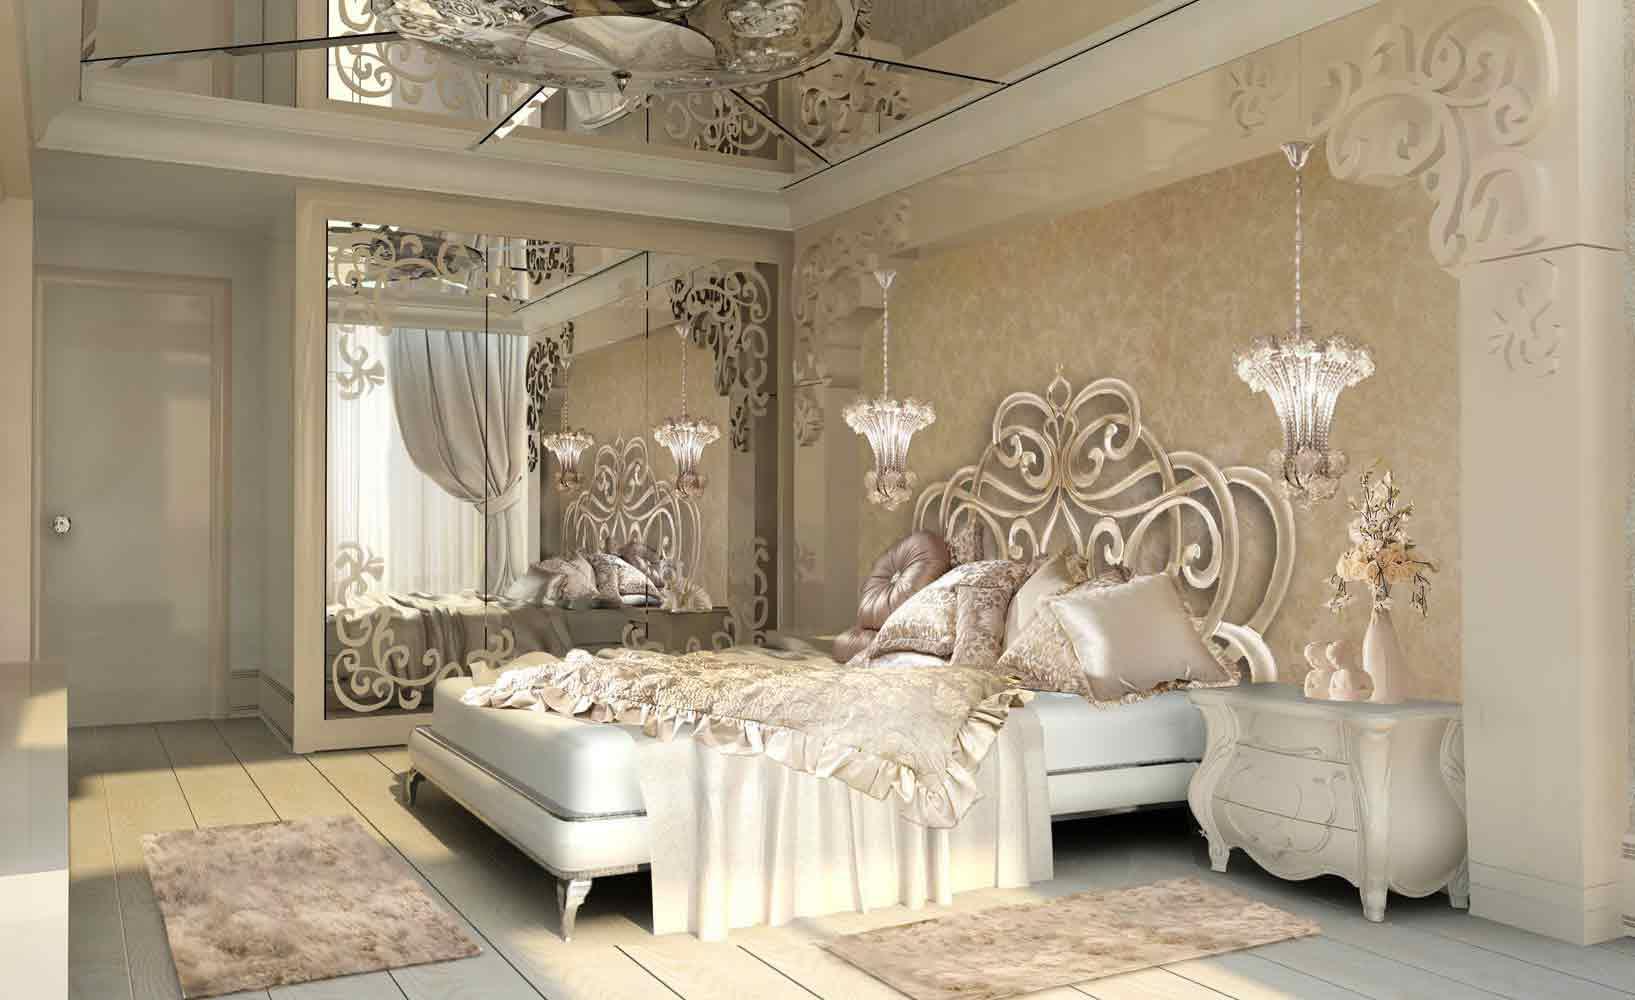 غرف نوم فخمه اجمل الصور لغرف النوم المتوجة بالفخامة